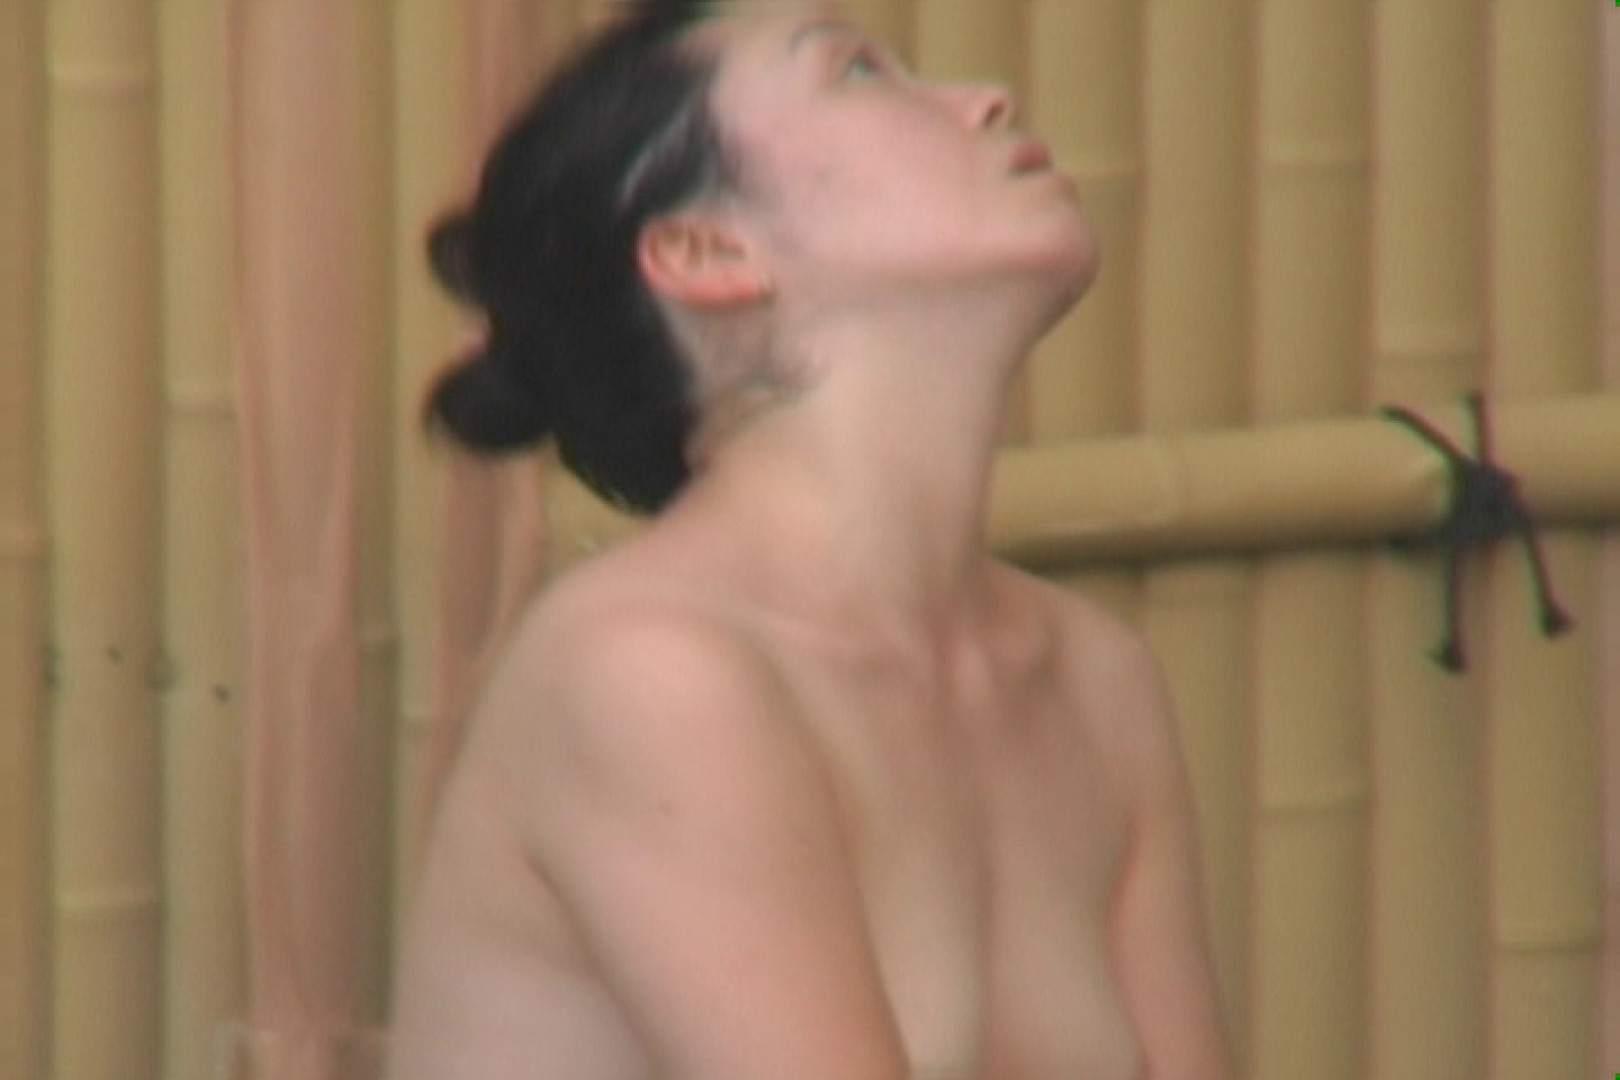 Aquaな露天風呂Vol.577 盗撮 | OLのエロ生活  44連発 4